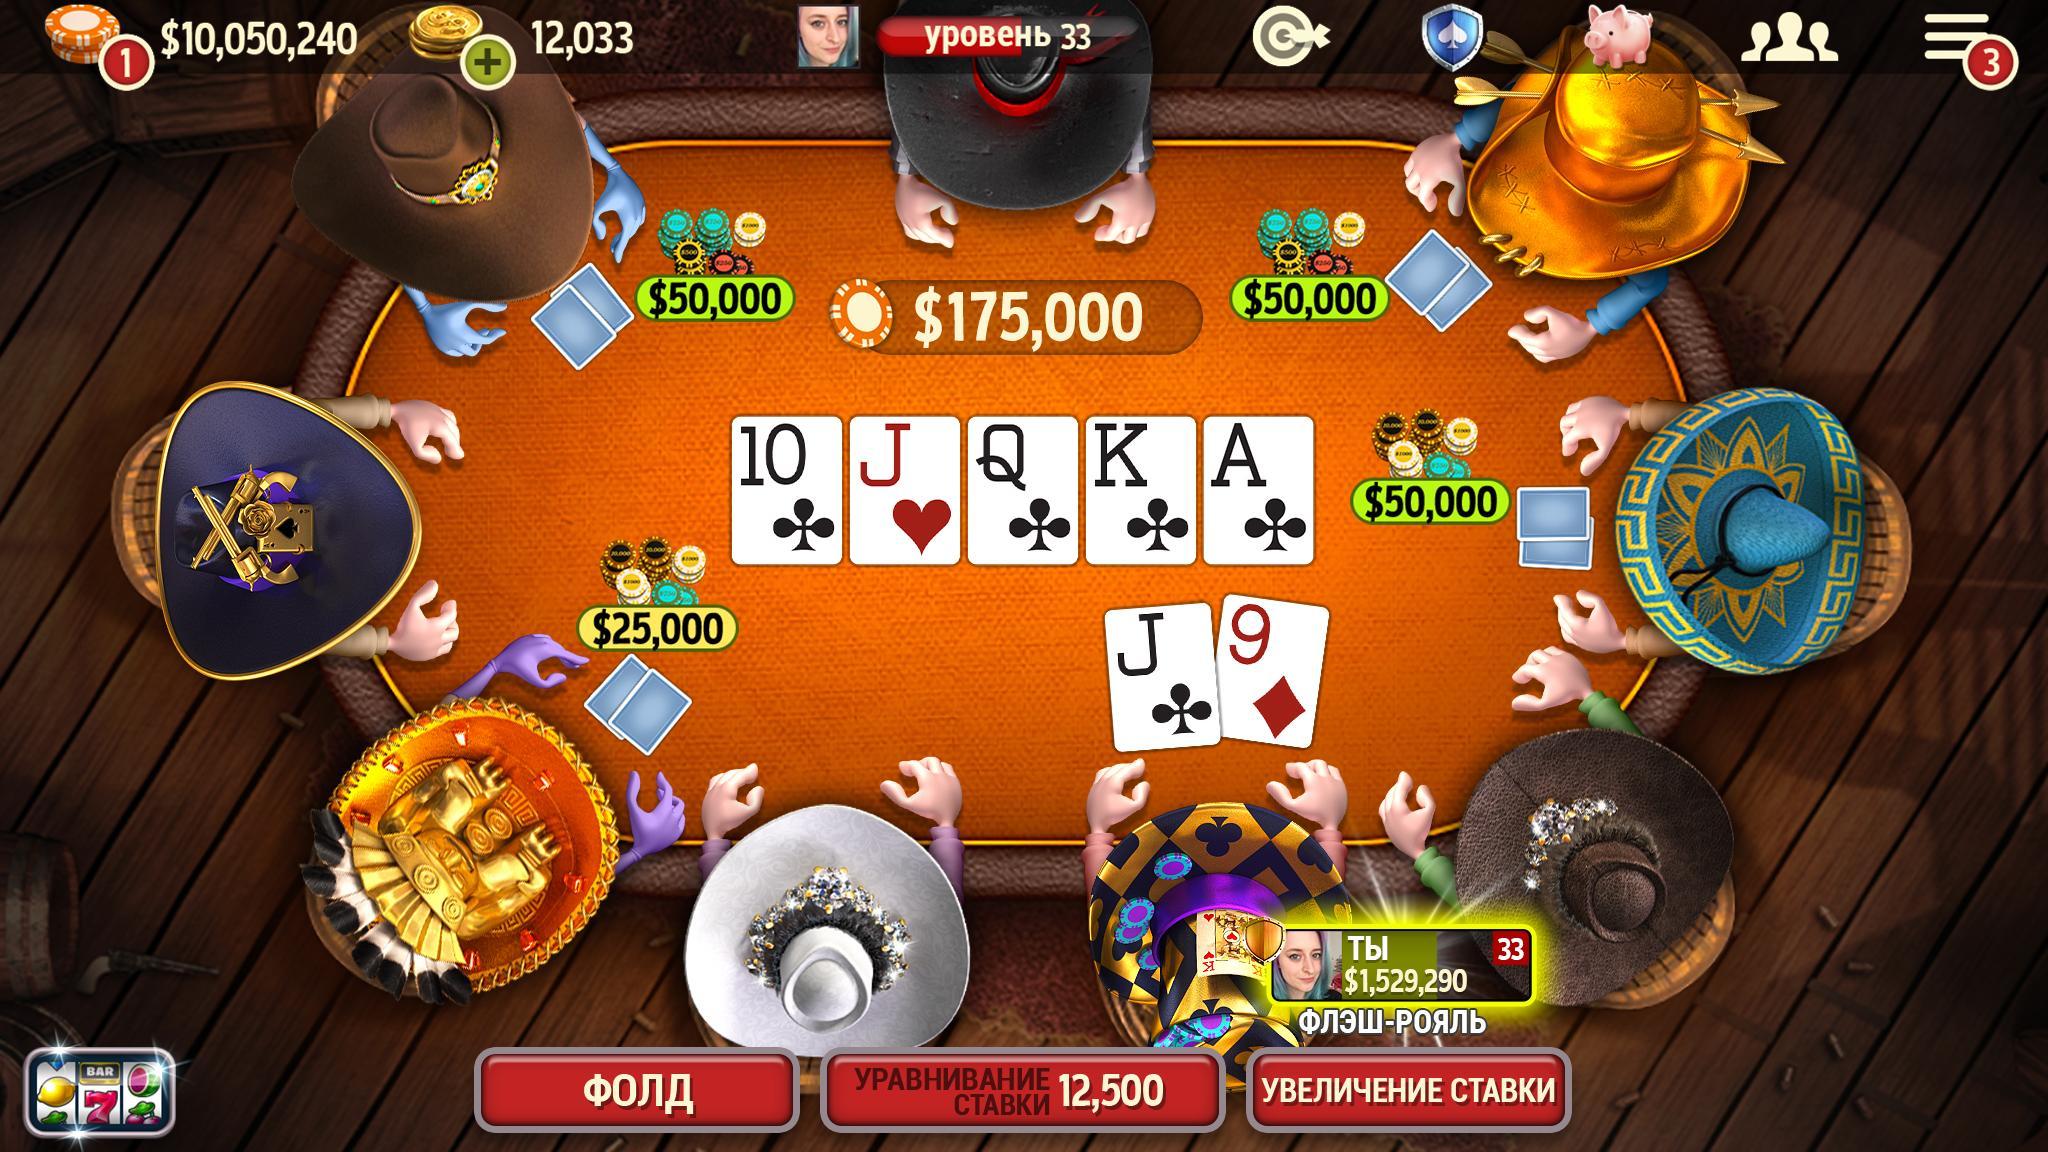 Онлайн игры техасский покер мини игры онлайн карты дурак играть бесплатно без регистрации